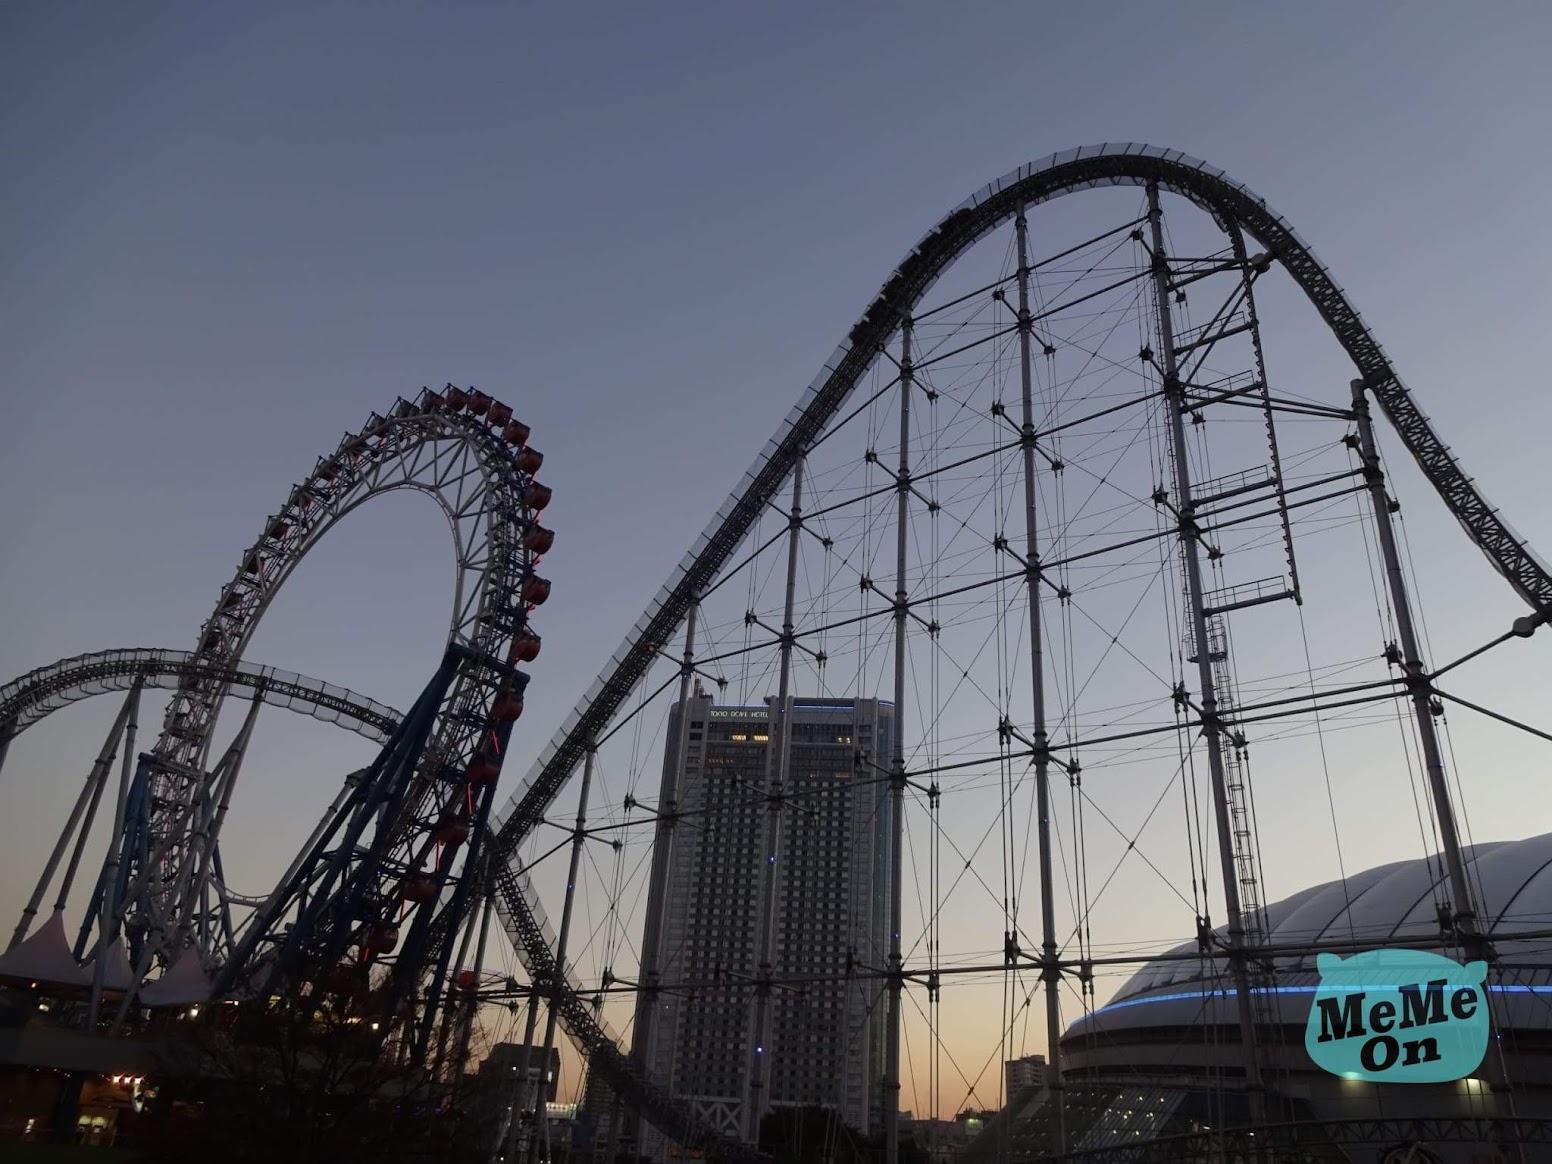 《 戀愛可以持續到天長地久》聖地巡禮ー 東京巨蛋城 遊樂園